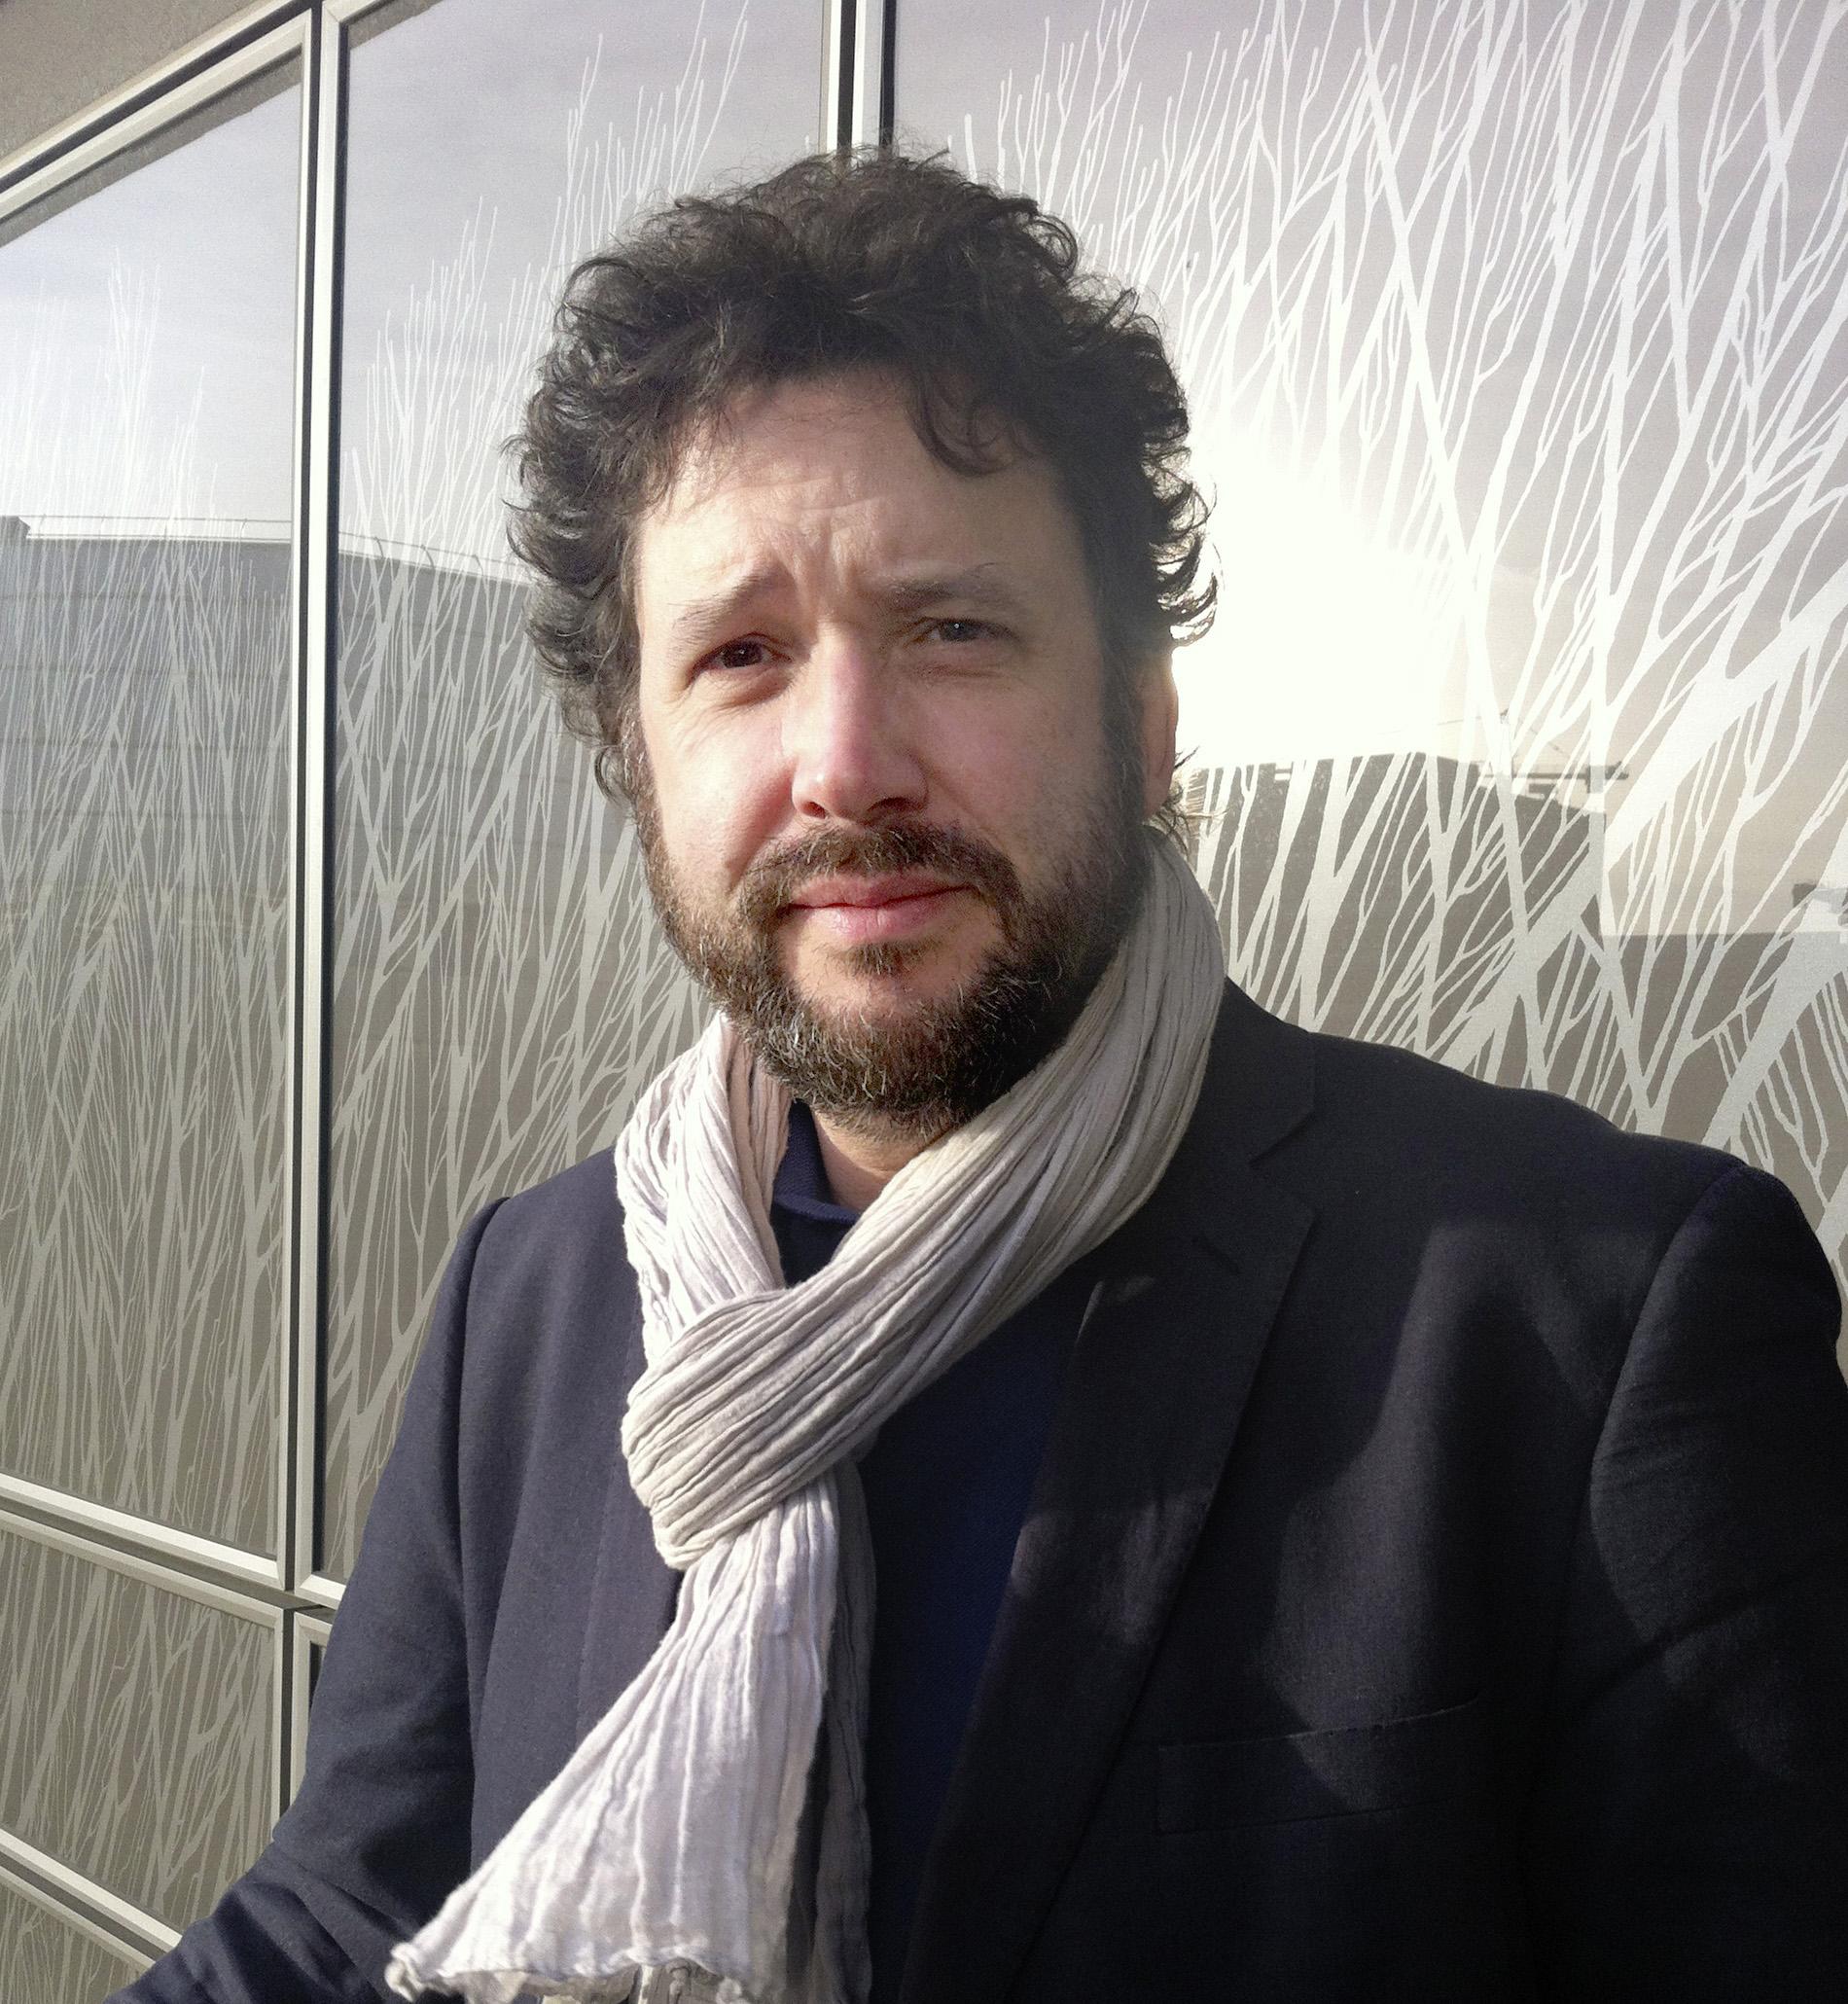 Pierre-Emmanuel Charon, Secrétaire du conseil de quartier Jardin de Reuilly